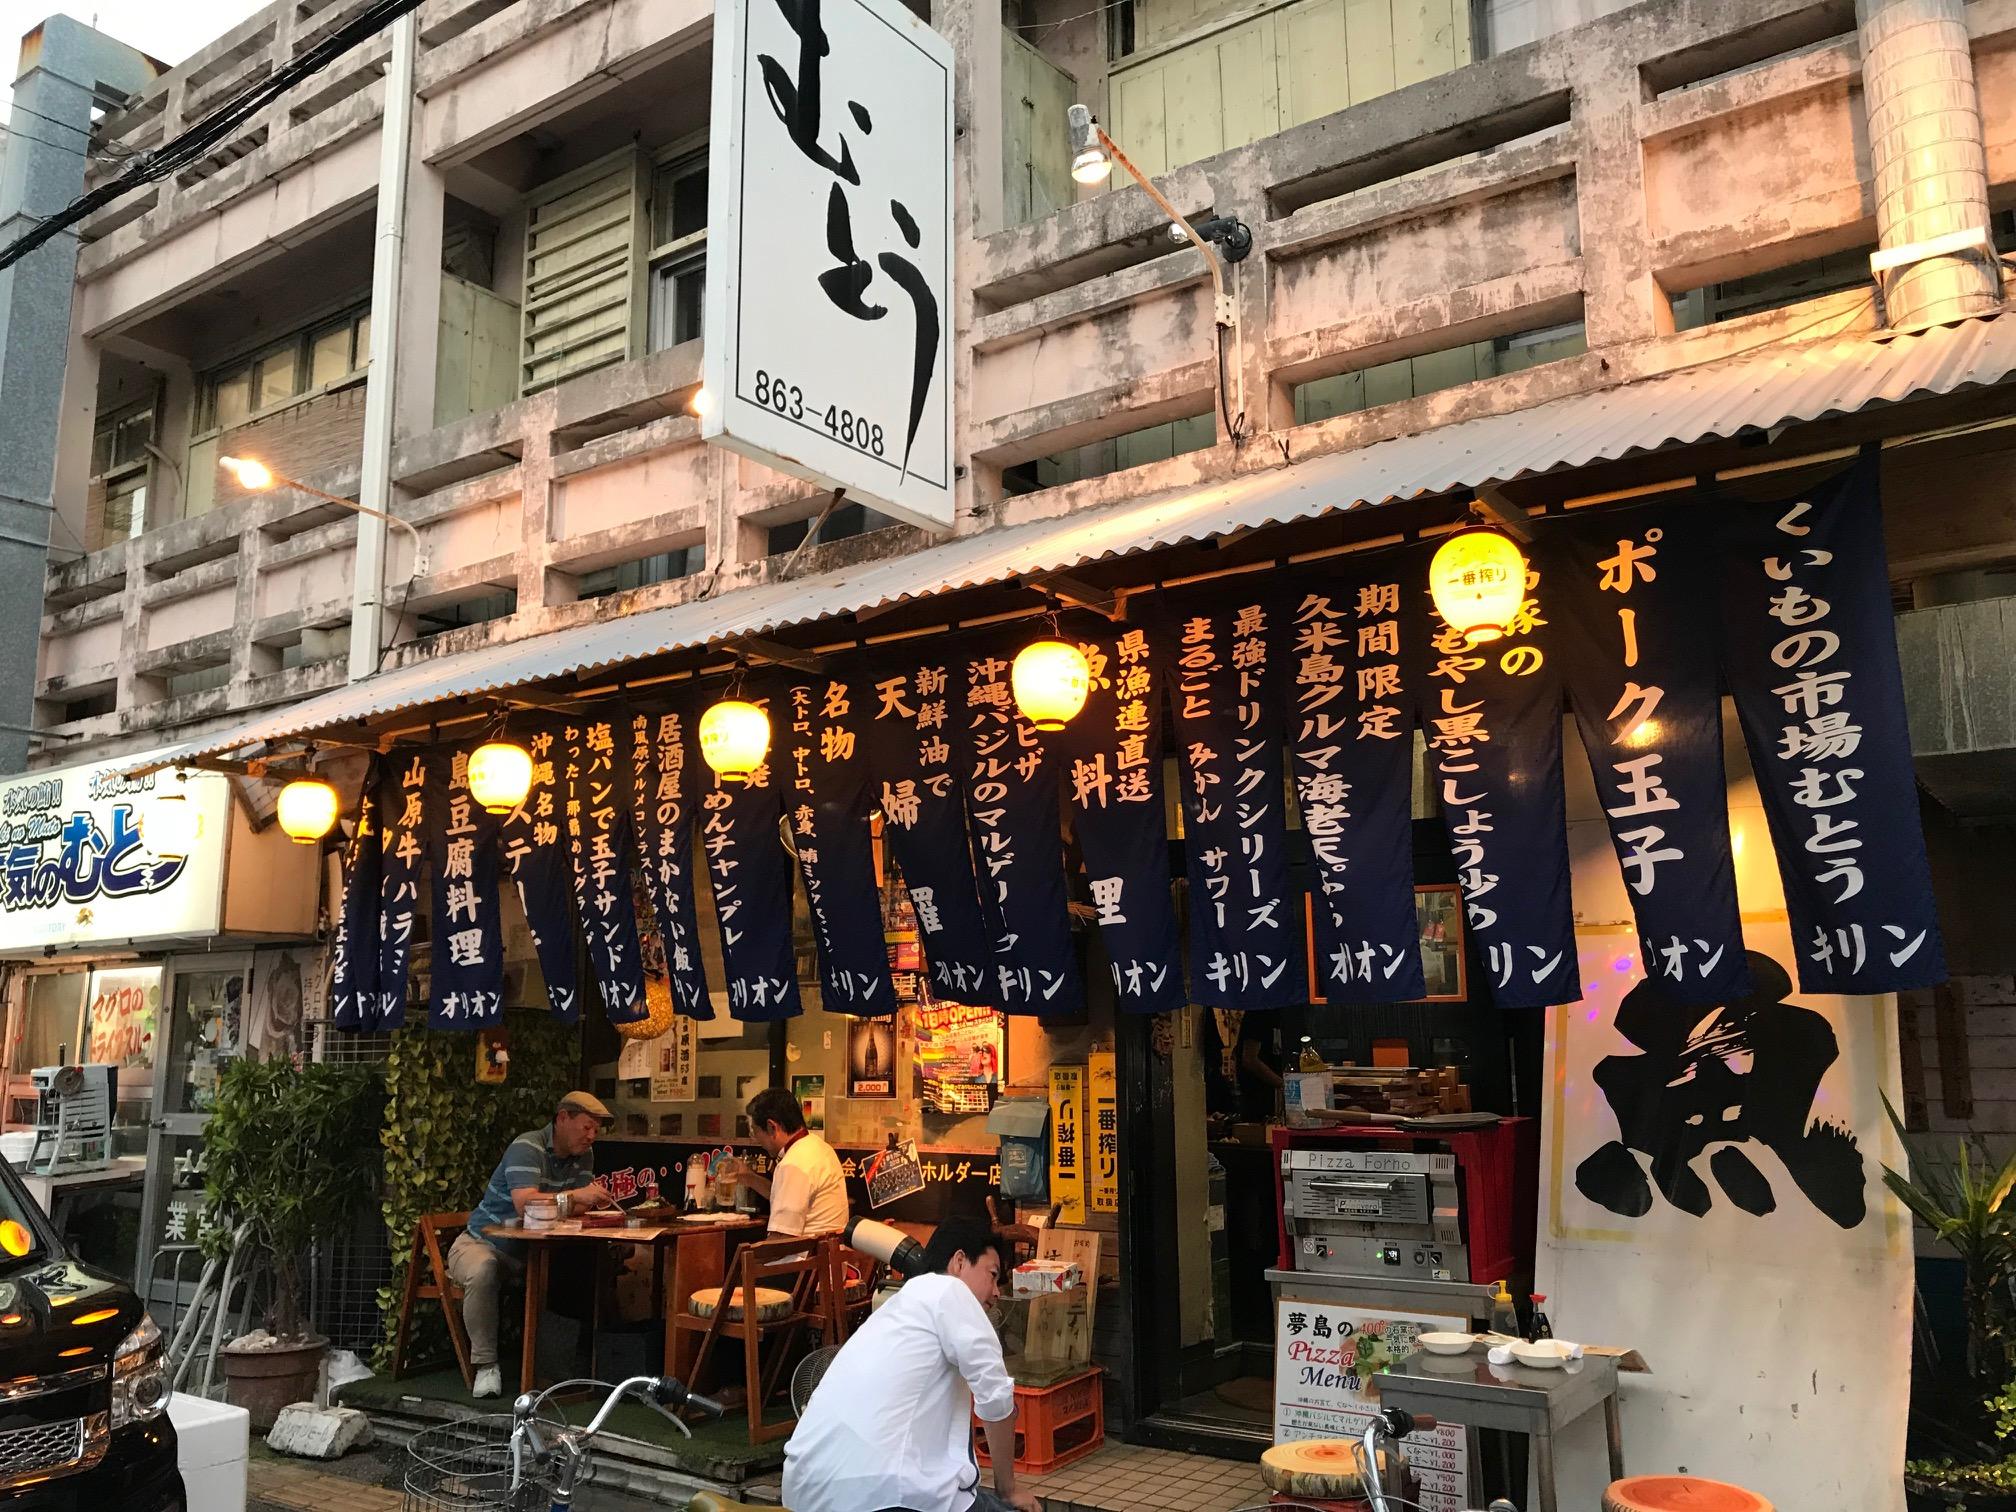 沖縄の人気の居酒屋むとうの写真